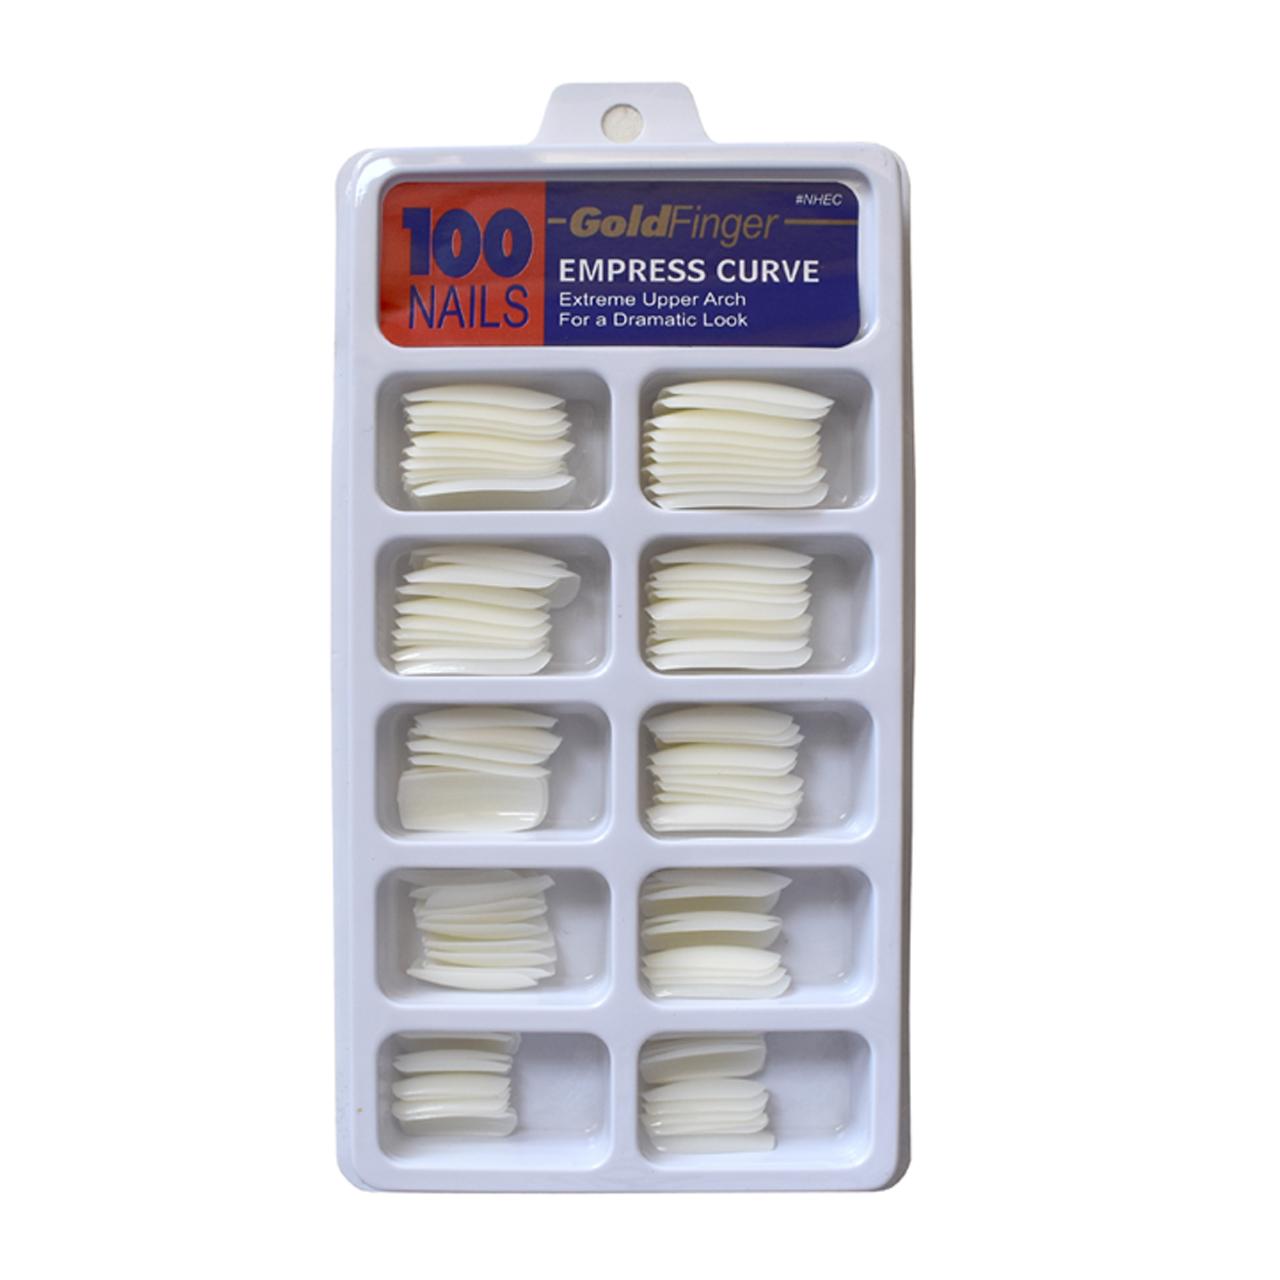 ناخن مصنوعی گلد فینگر مدل سر تخت بسته 100 عددی